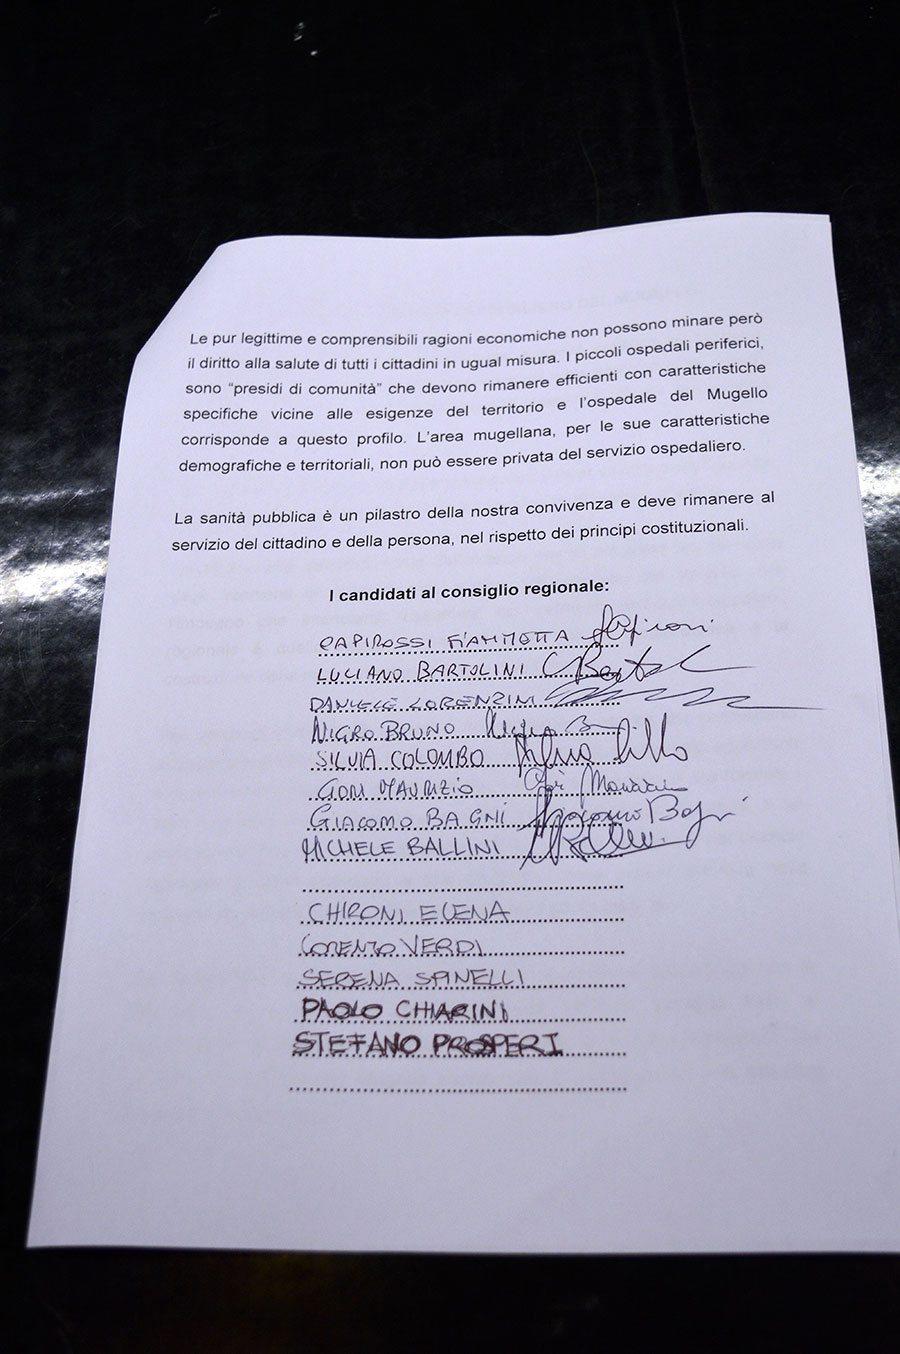 patto-ospedale-candidati-regionali-omoboni-5